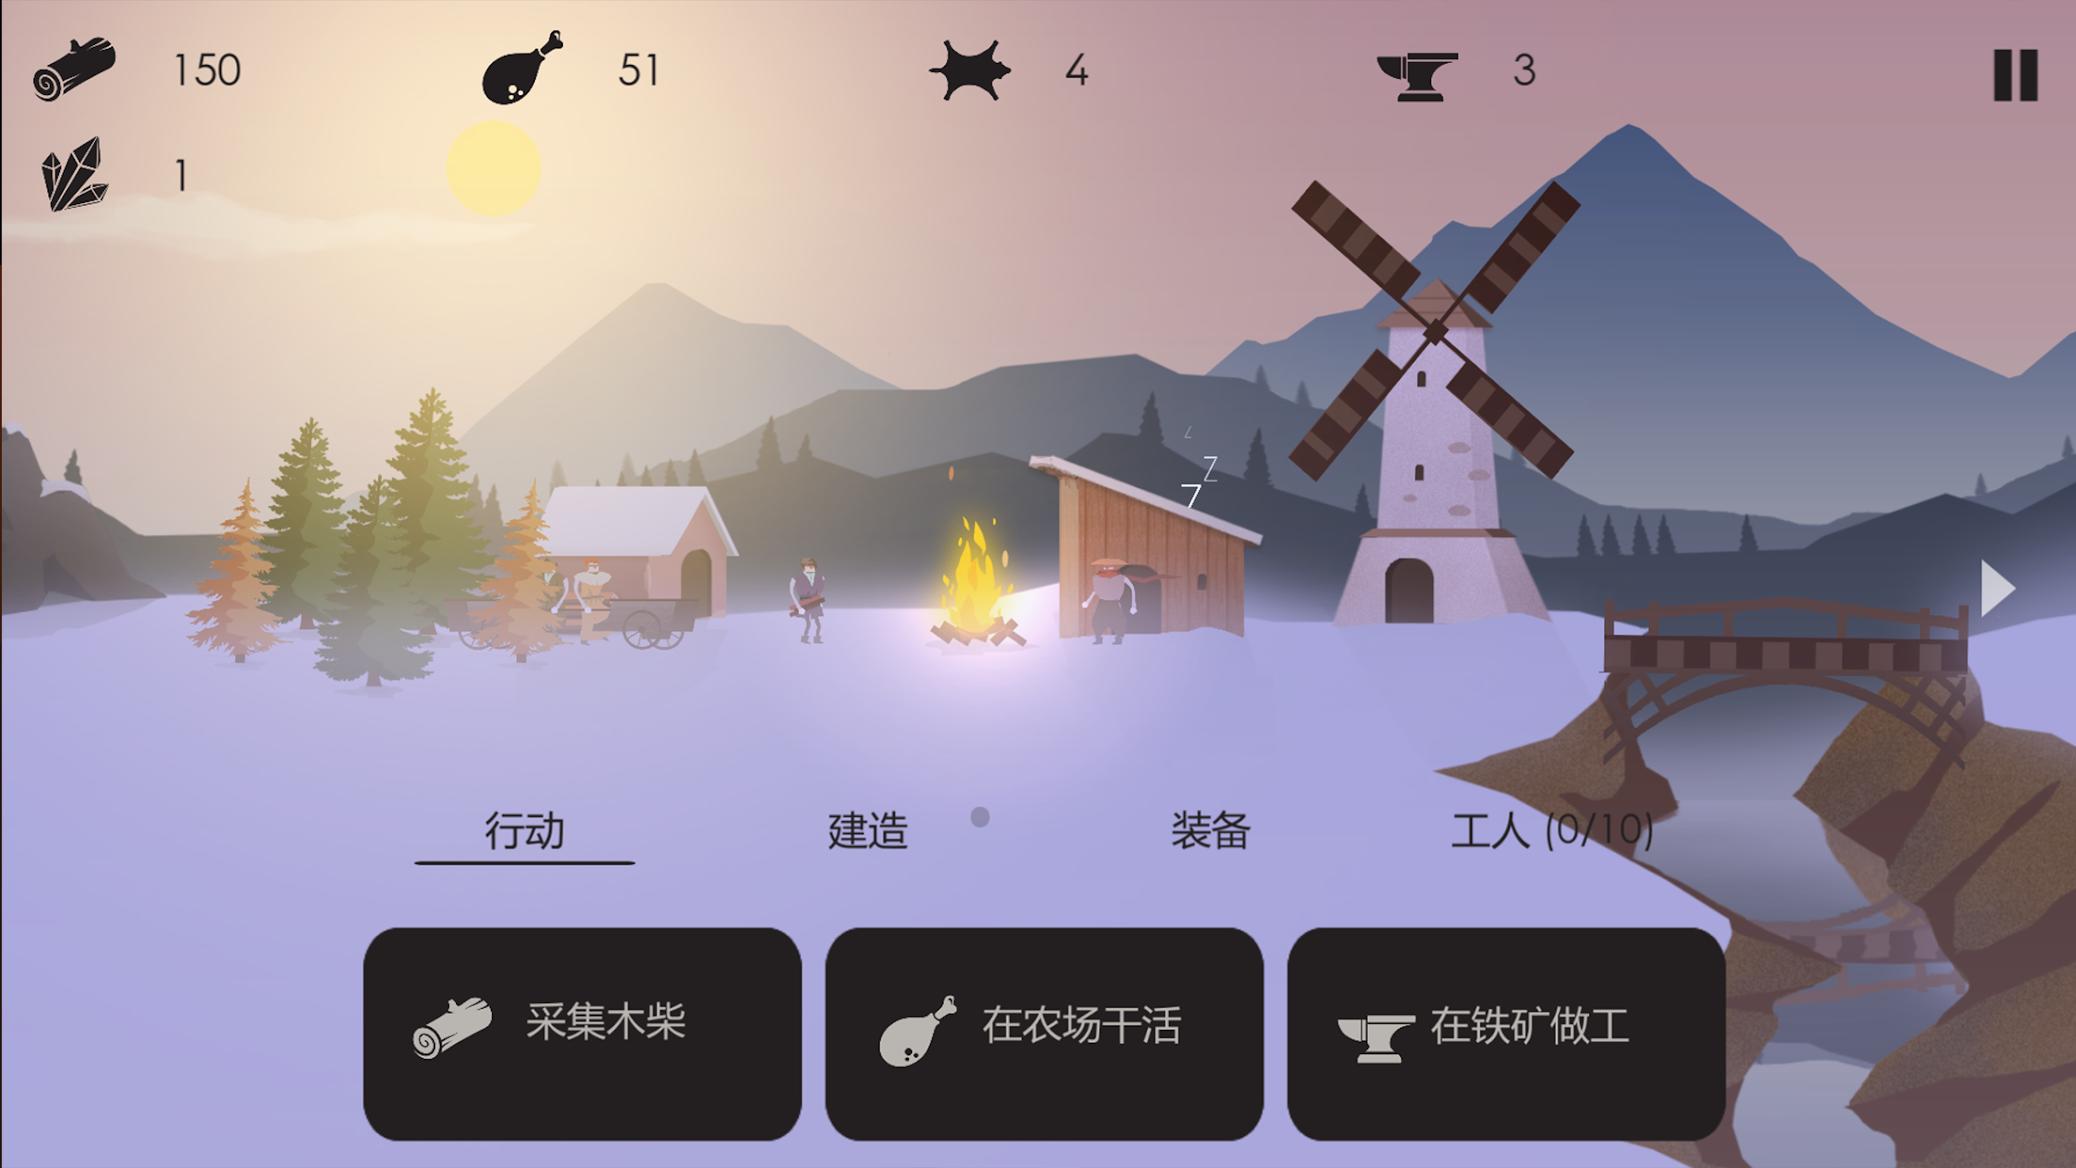 篝火被遗弃的土地:用我的黑眼圈证明,这款生存游戏有多好玩